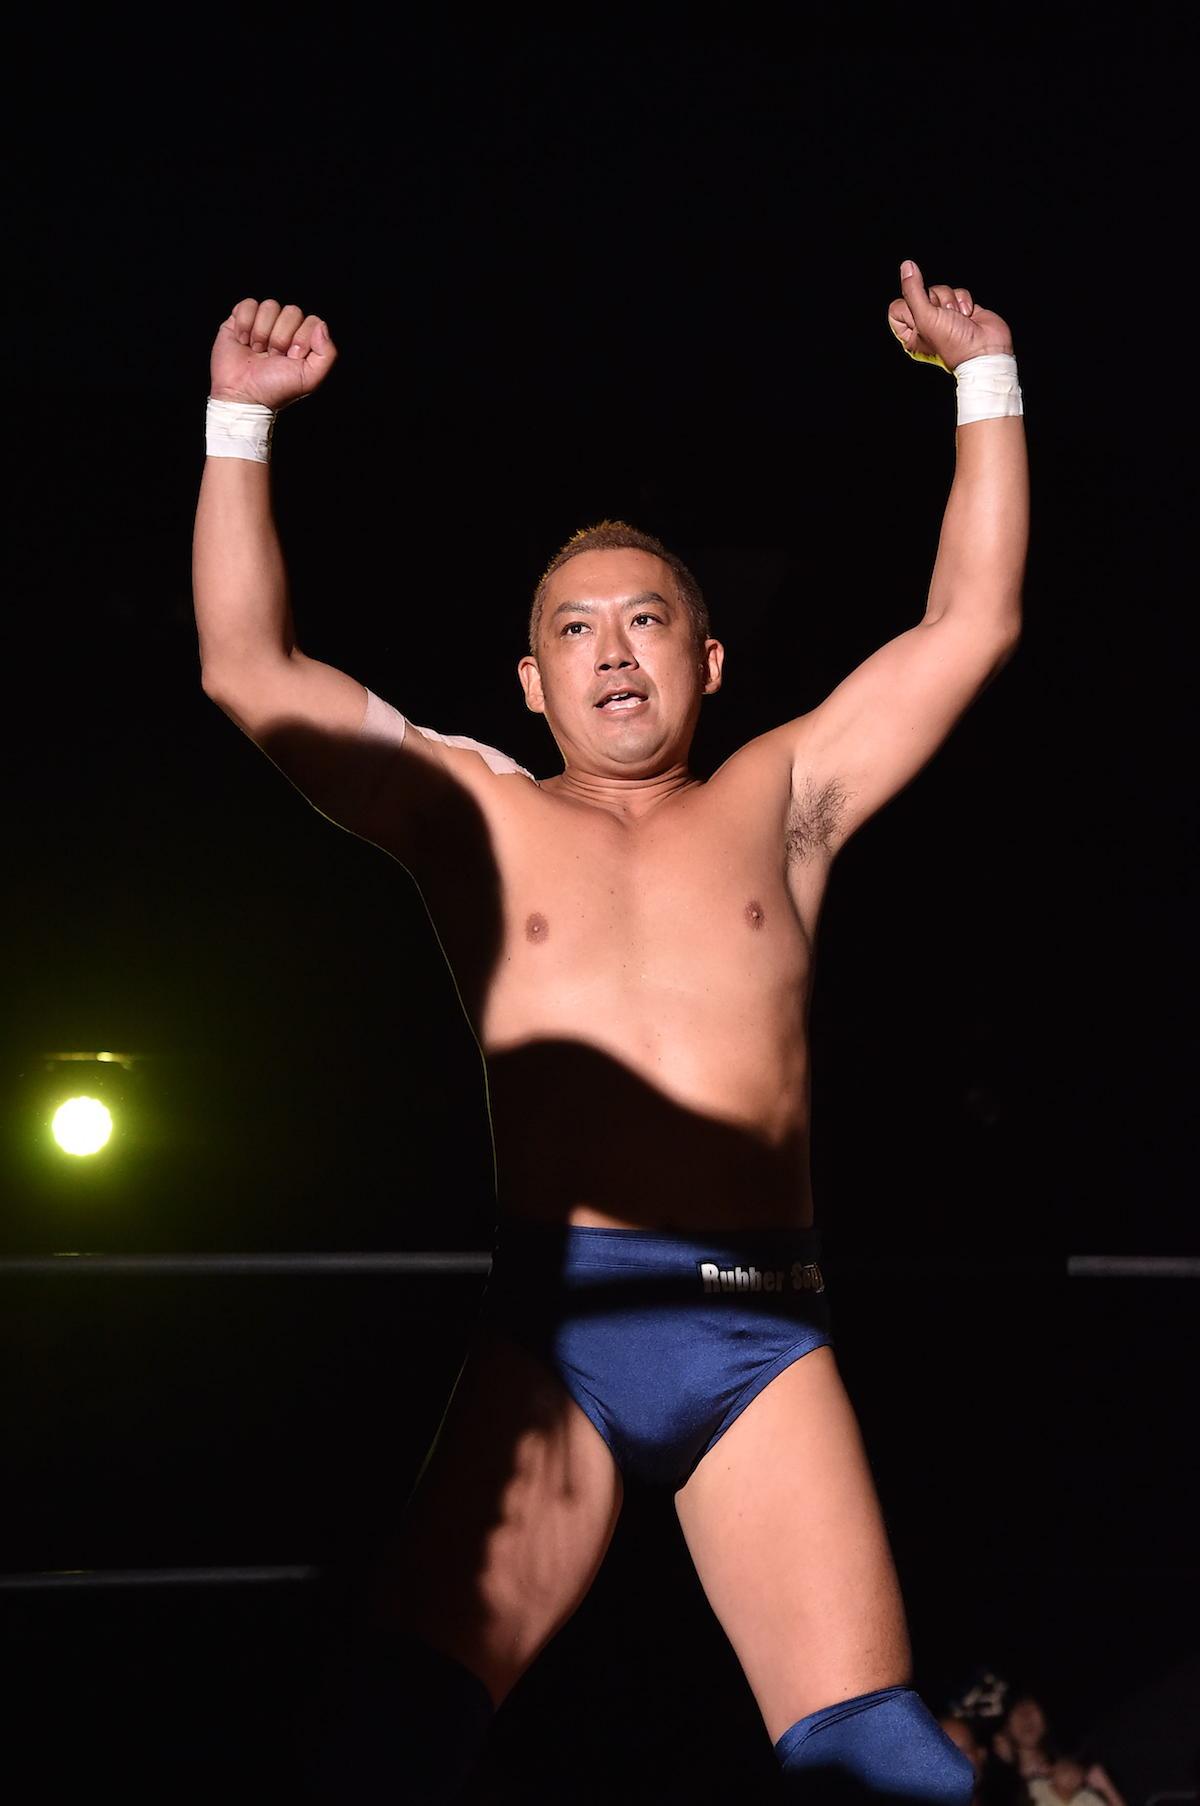 山下金吾より11月10日・調布はあとふるホール大会に向けてのメッセージ!